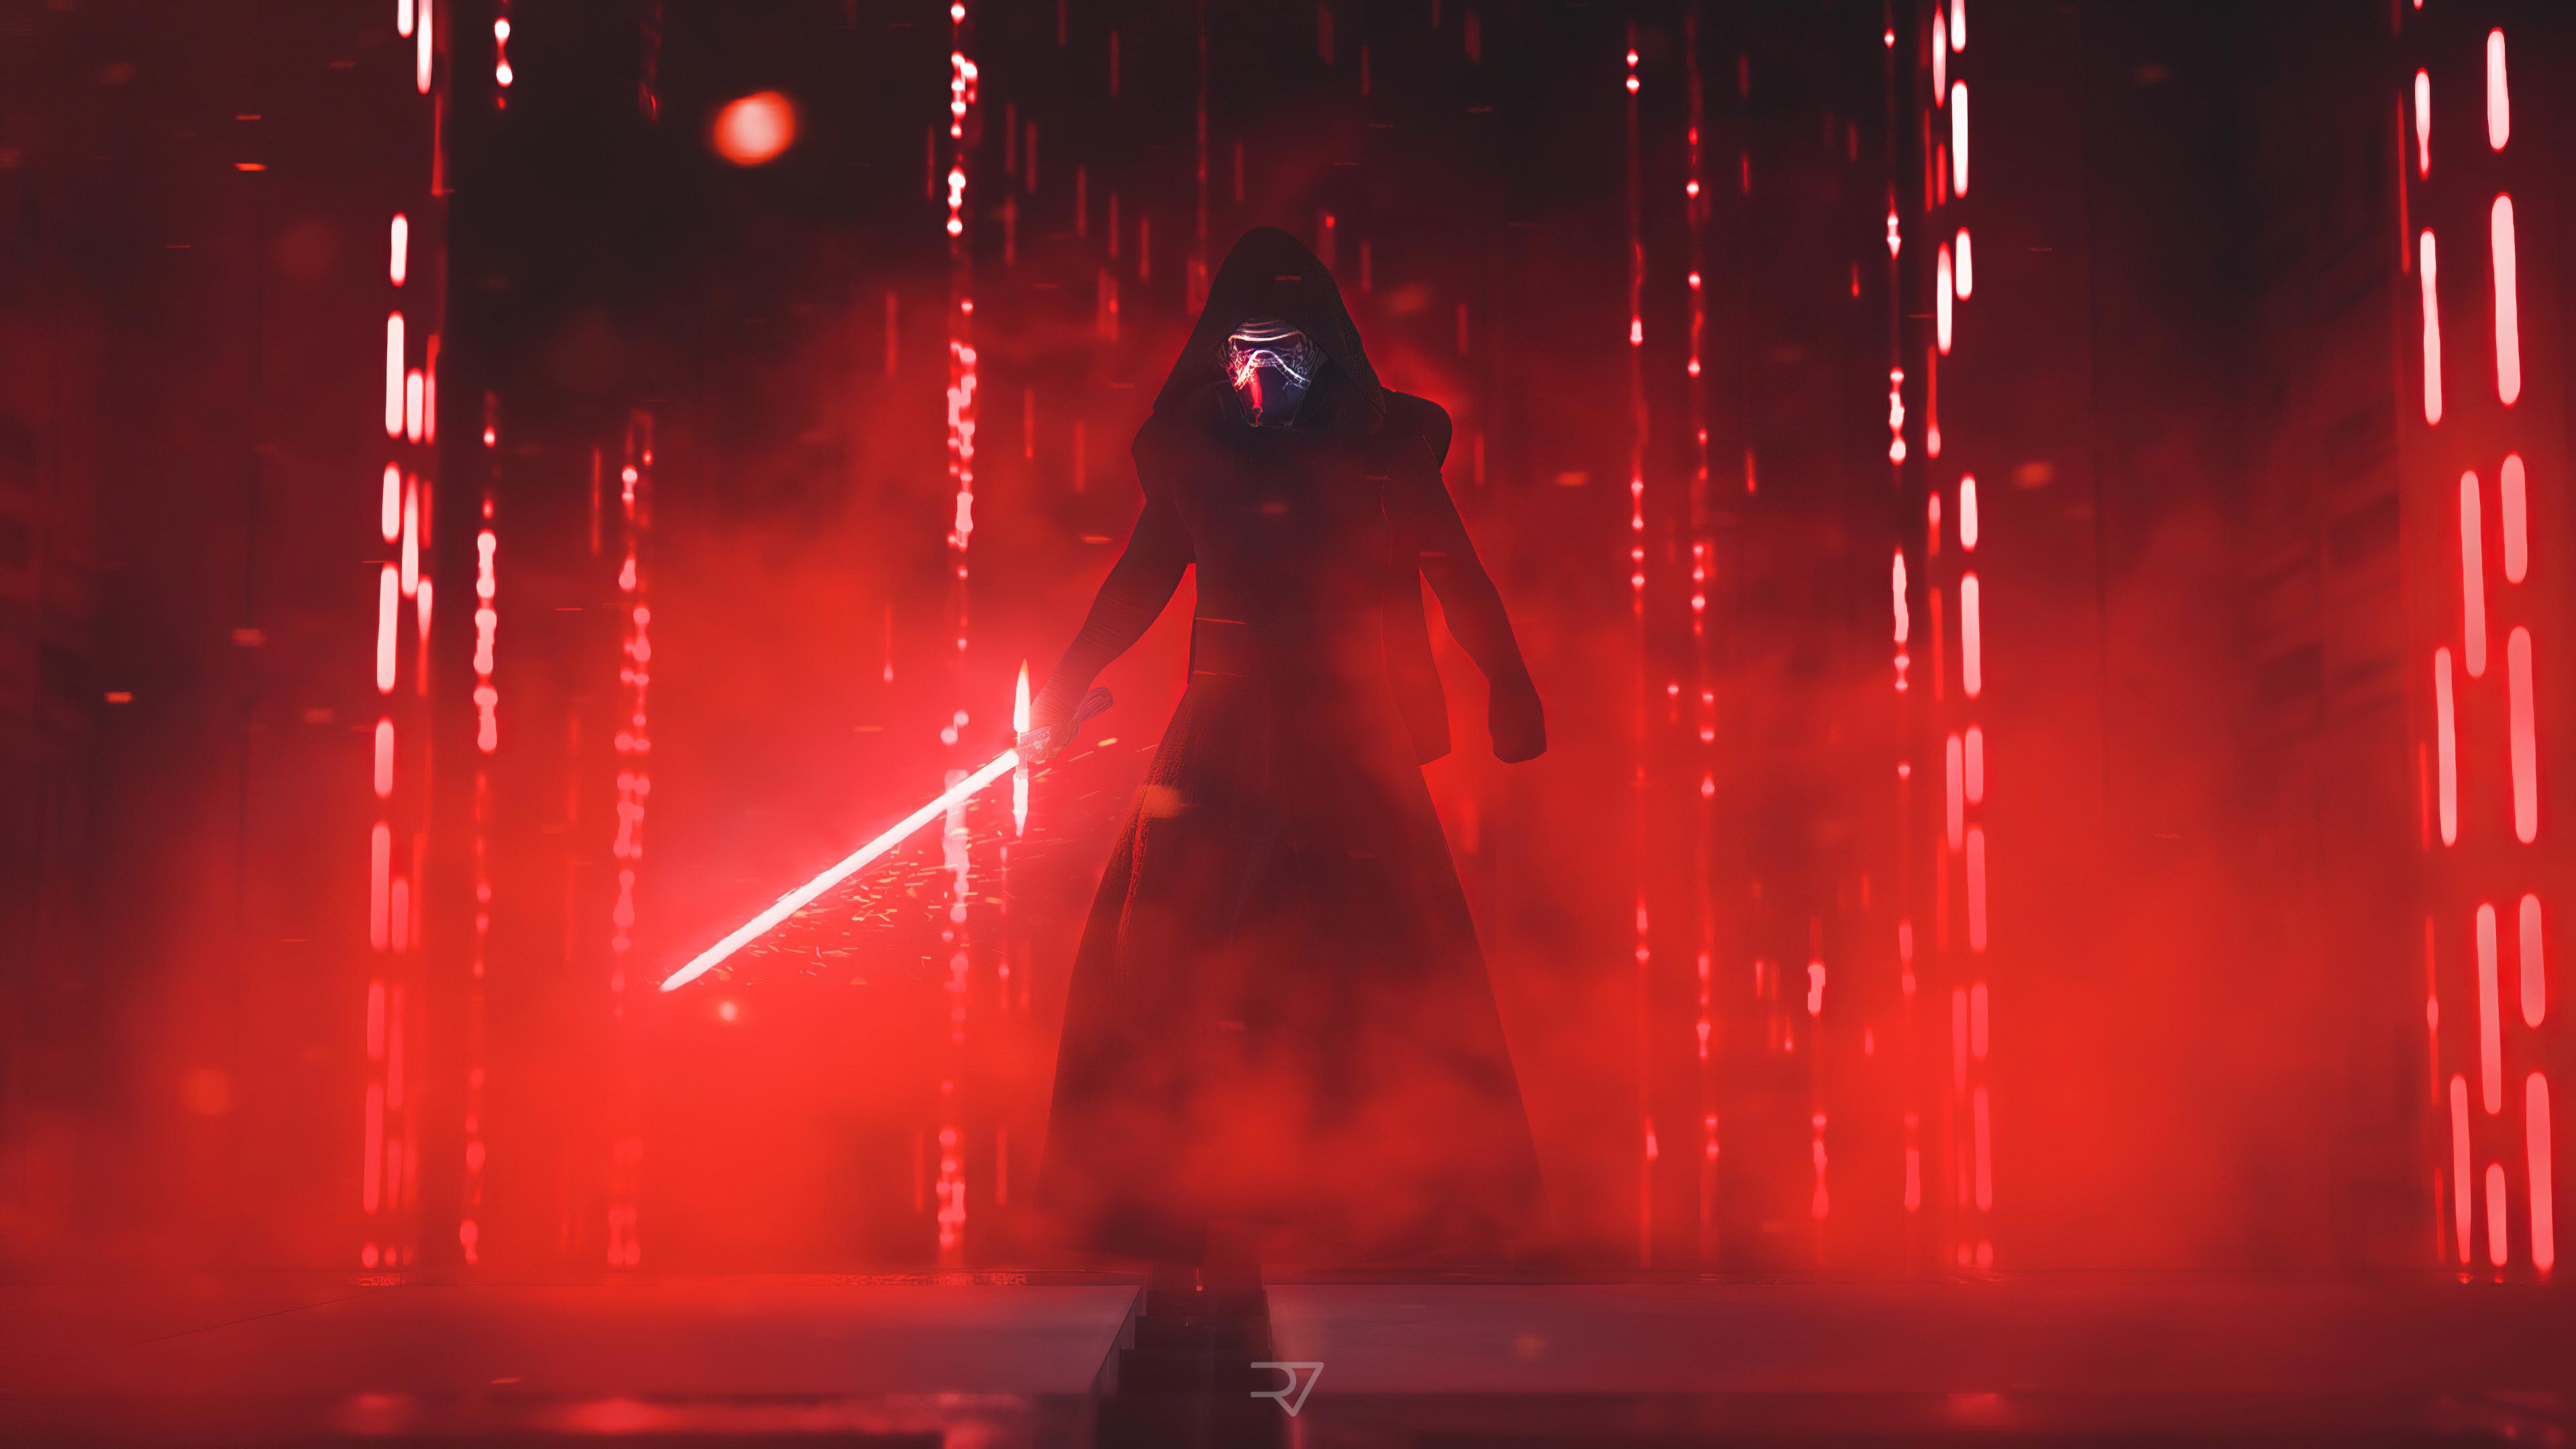 2560x1024 4k Darth Vader 2019 2560x1024 Resolution Wallpaper